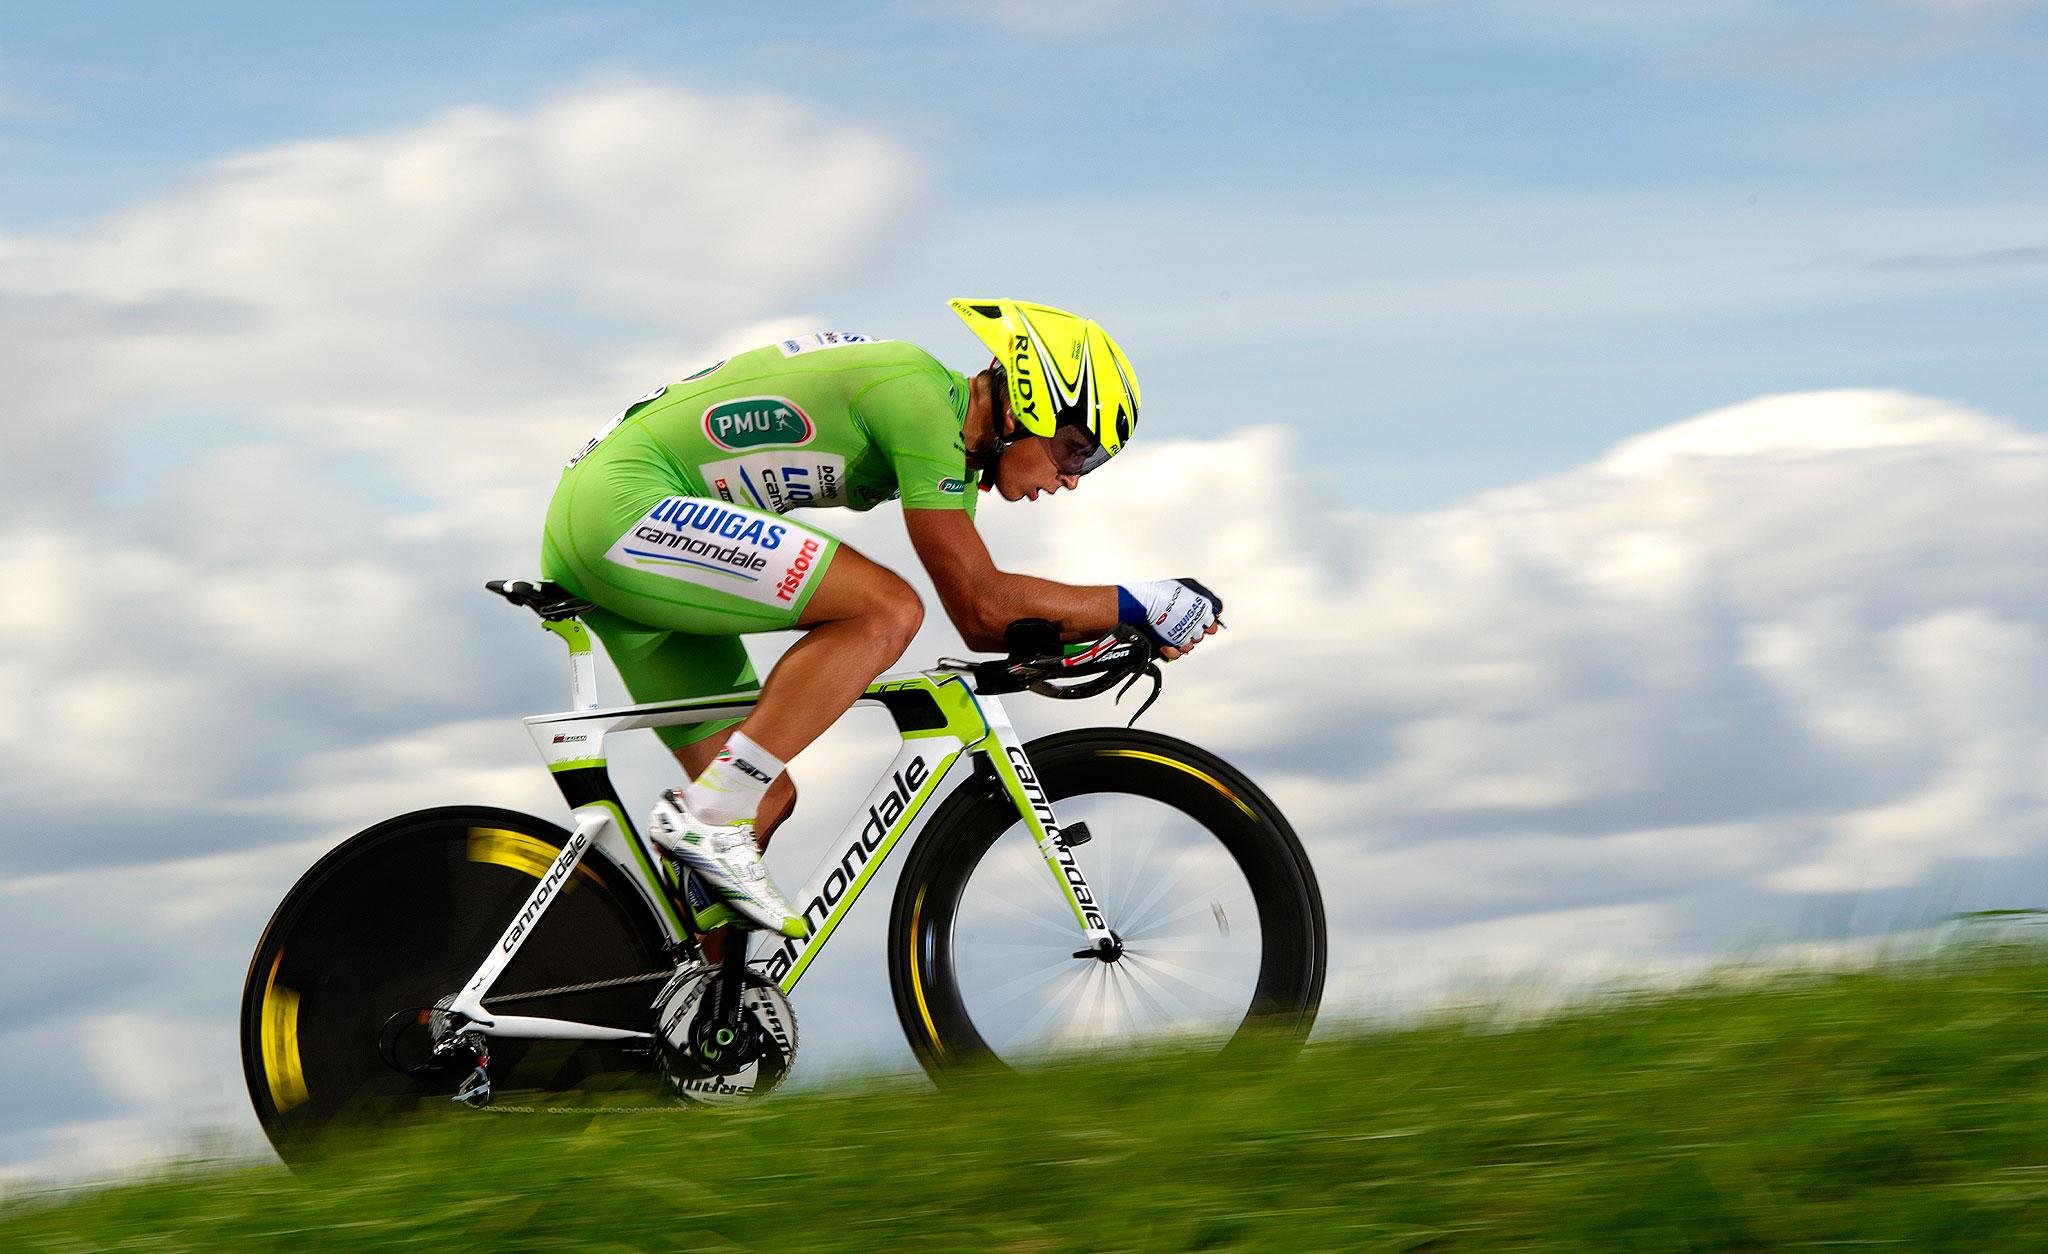 Le Tour De France 1357645 Hd Wallpaper Backgrounds